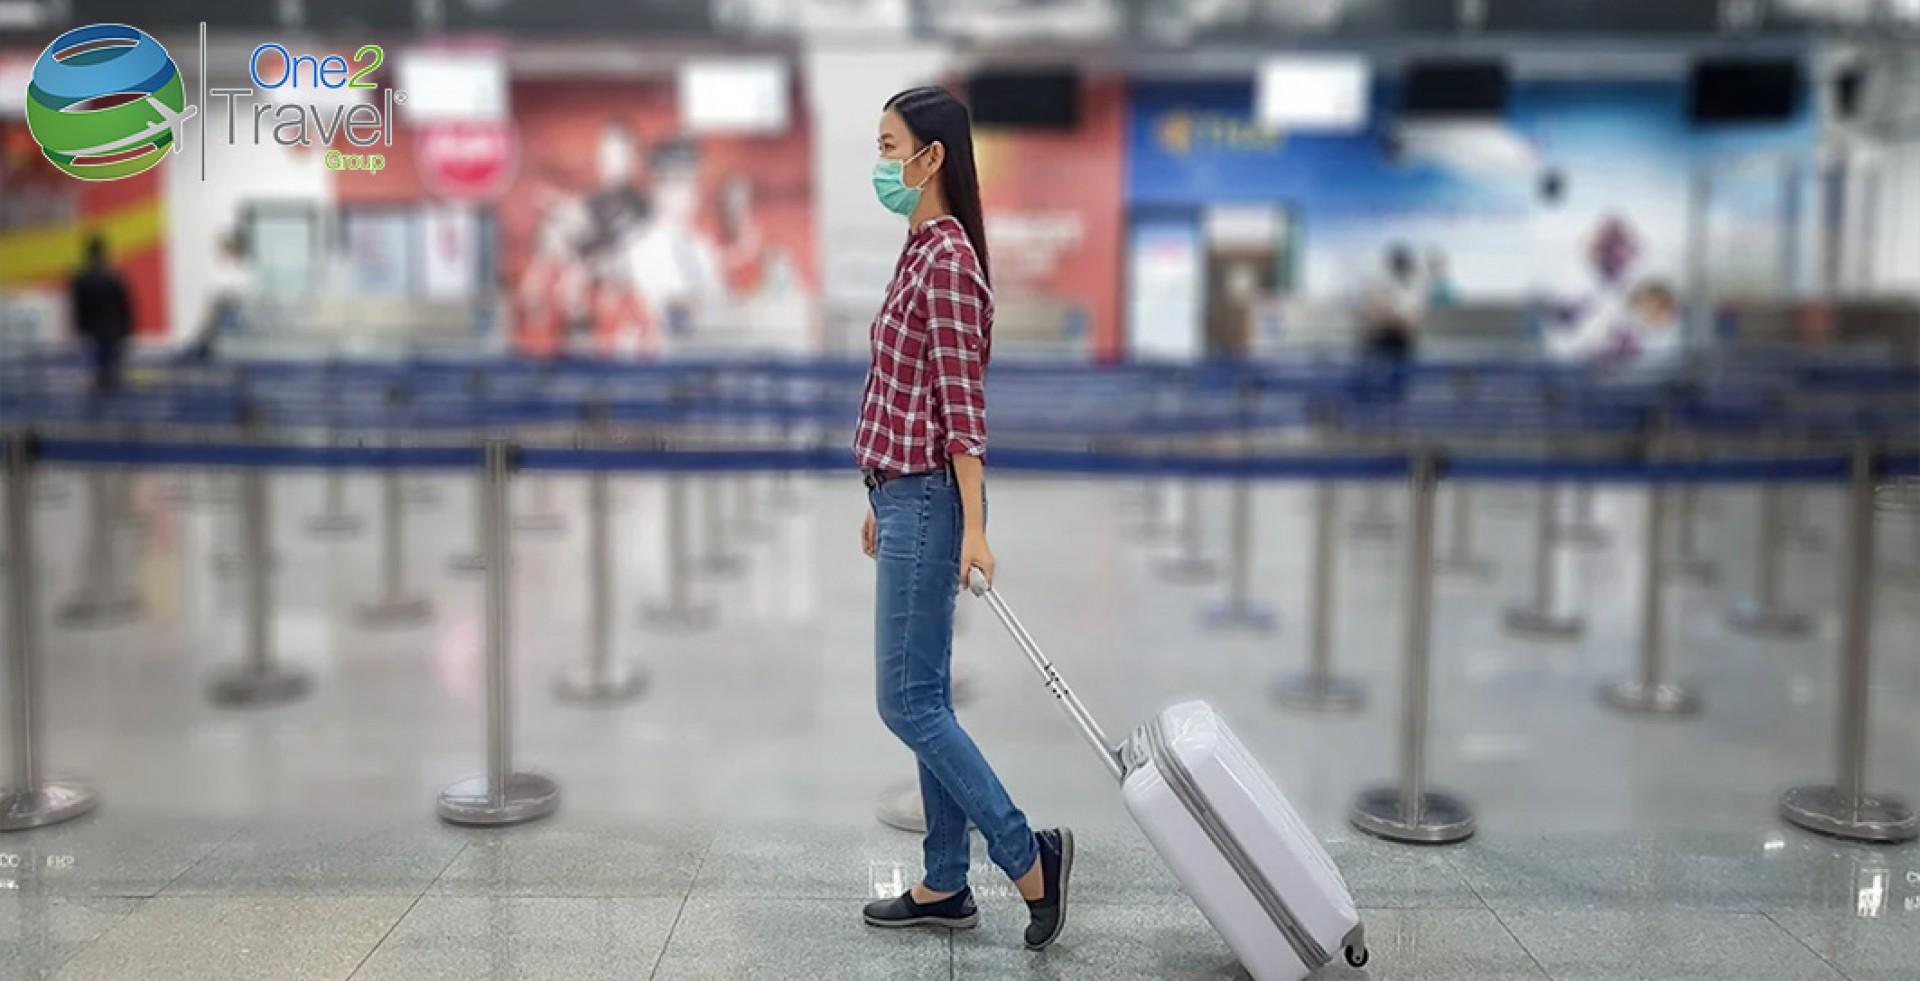 Reactivación turística en el mundo tras COVID-19